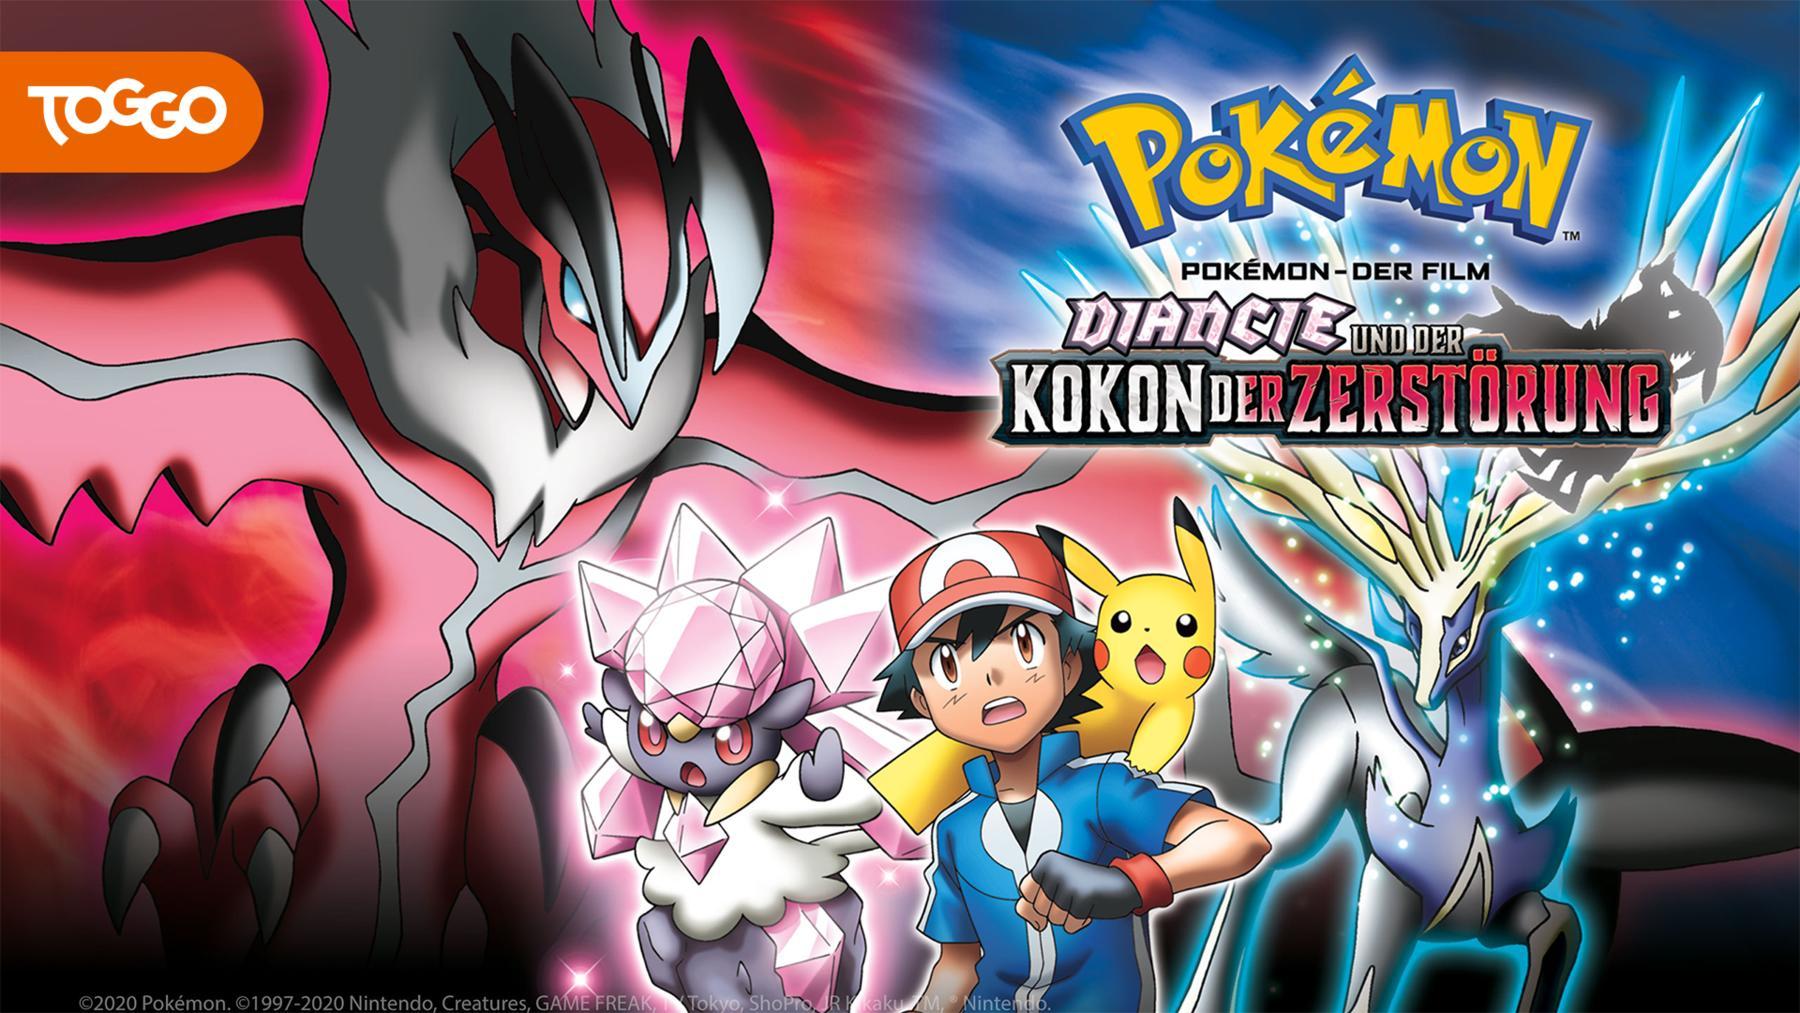 Pokémon 17: Diancie und der Kokon der Zerstörung